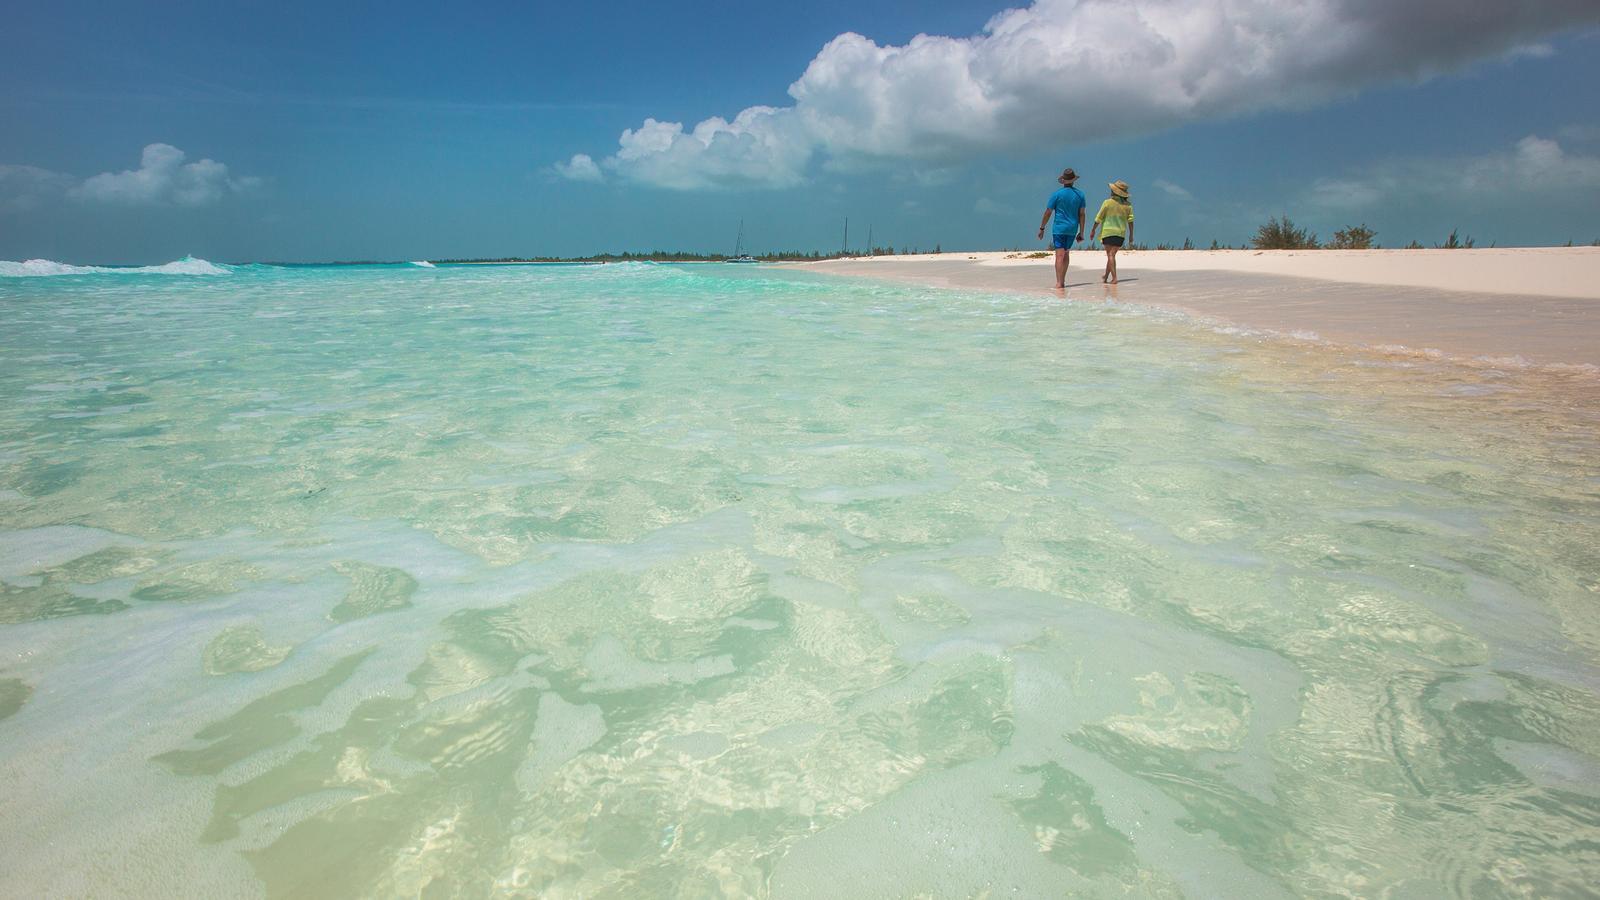 Kuba Erlebnisreise & Segeln in der Gruppe traveljunkies